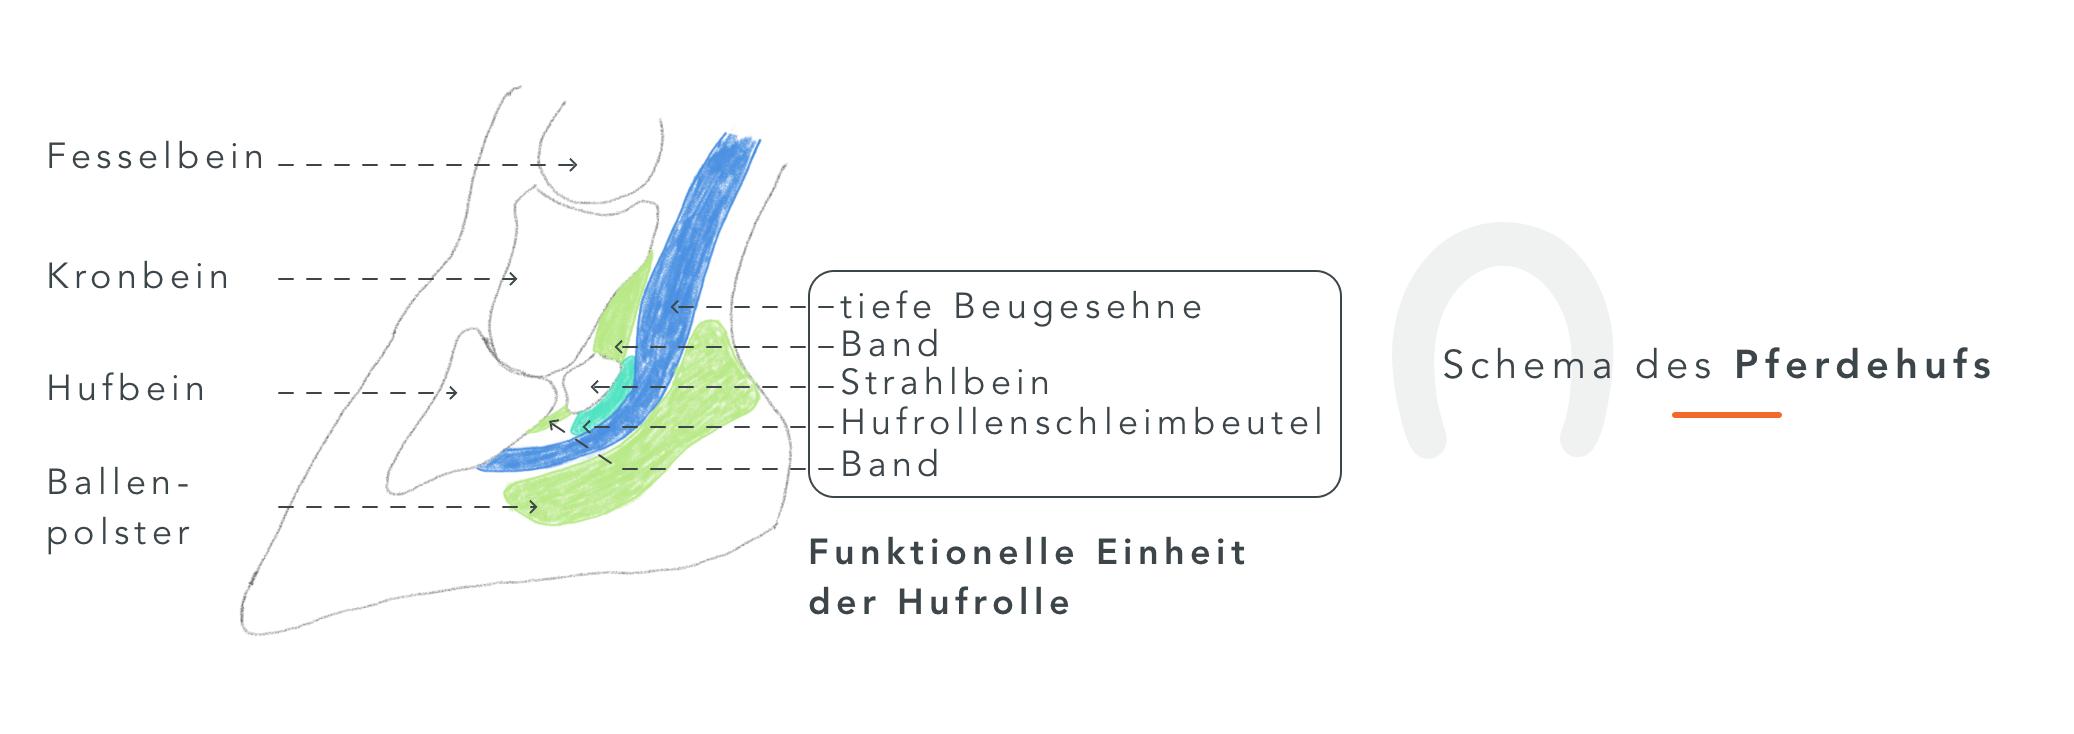 1_Schema_Pferdehuf_Abbildung